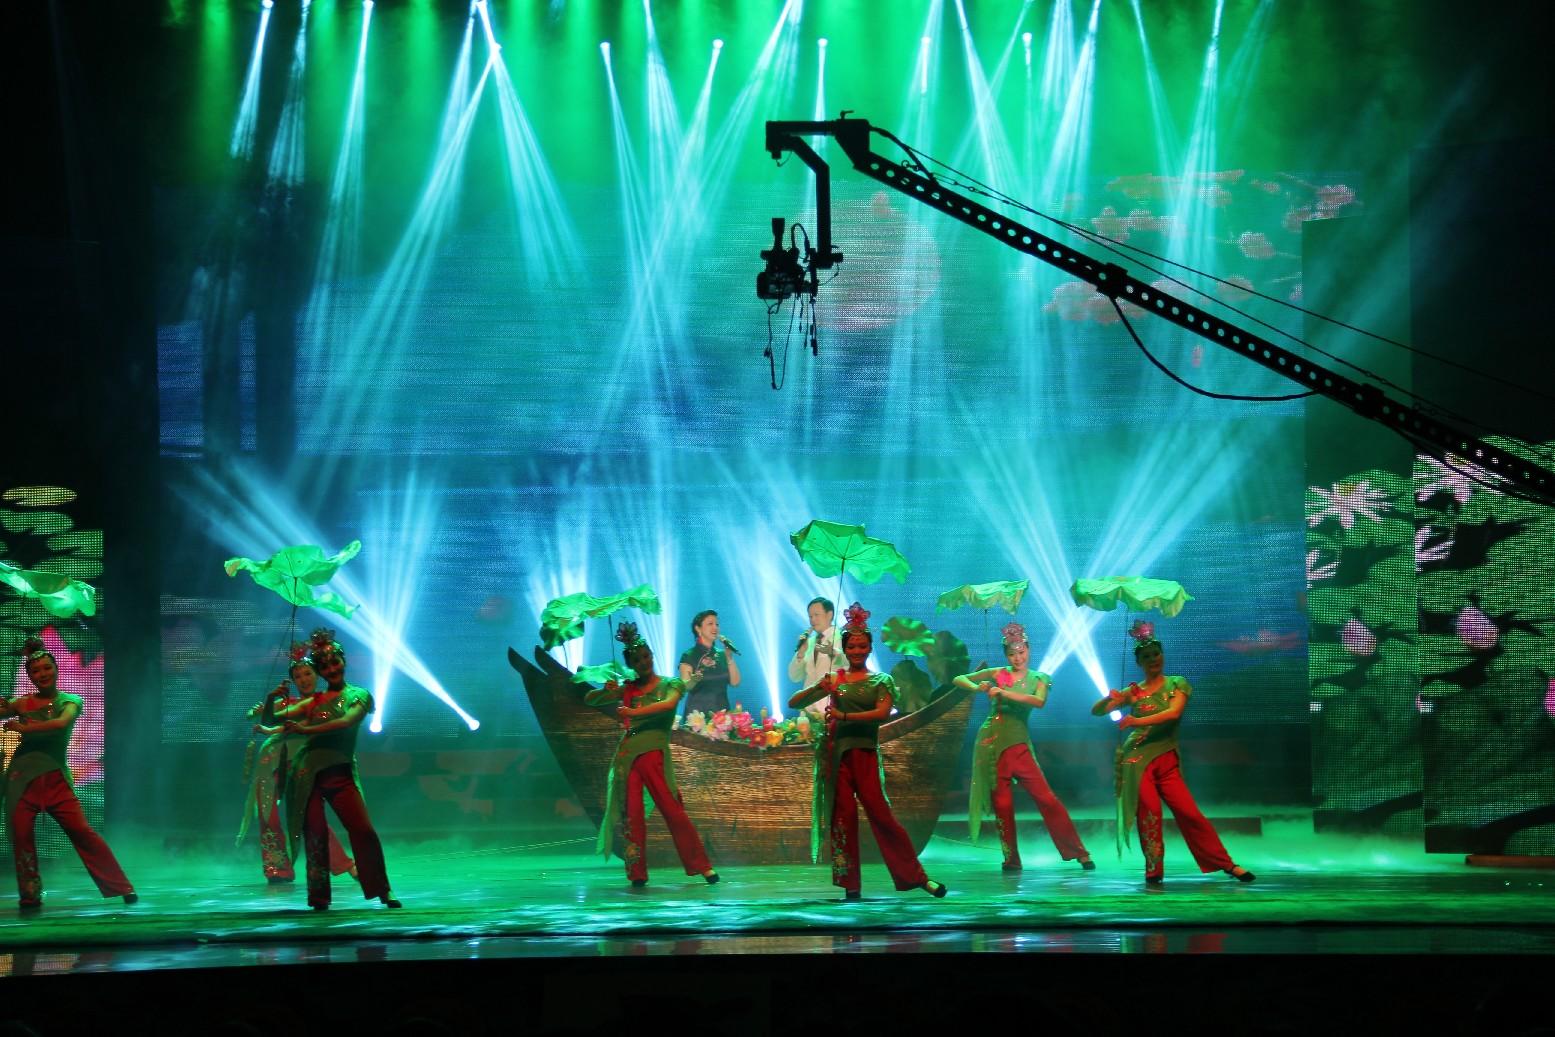 舞台灯光设备效果